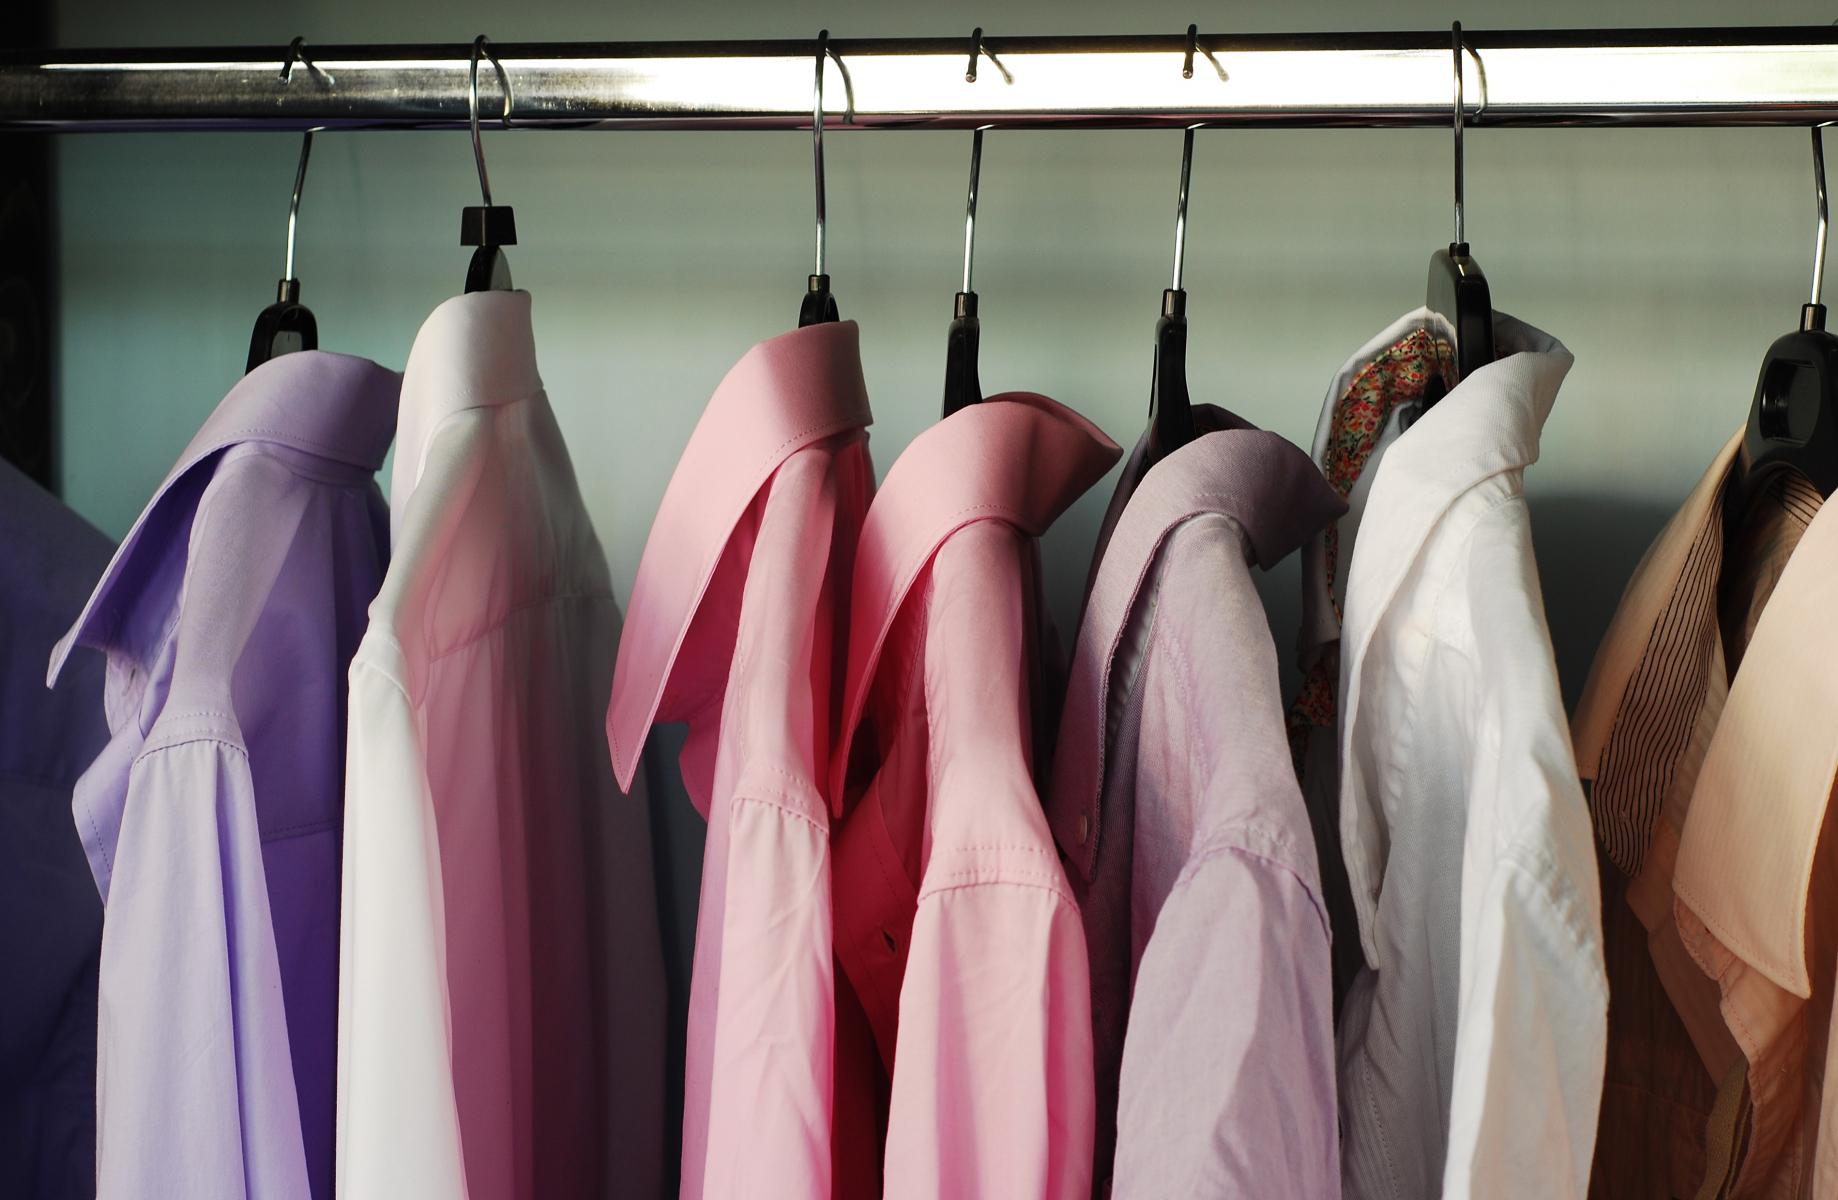 Finansiera en ny garderob